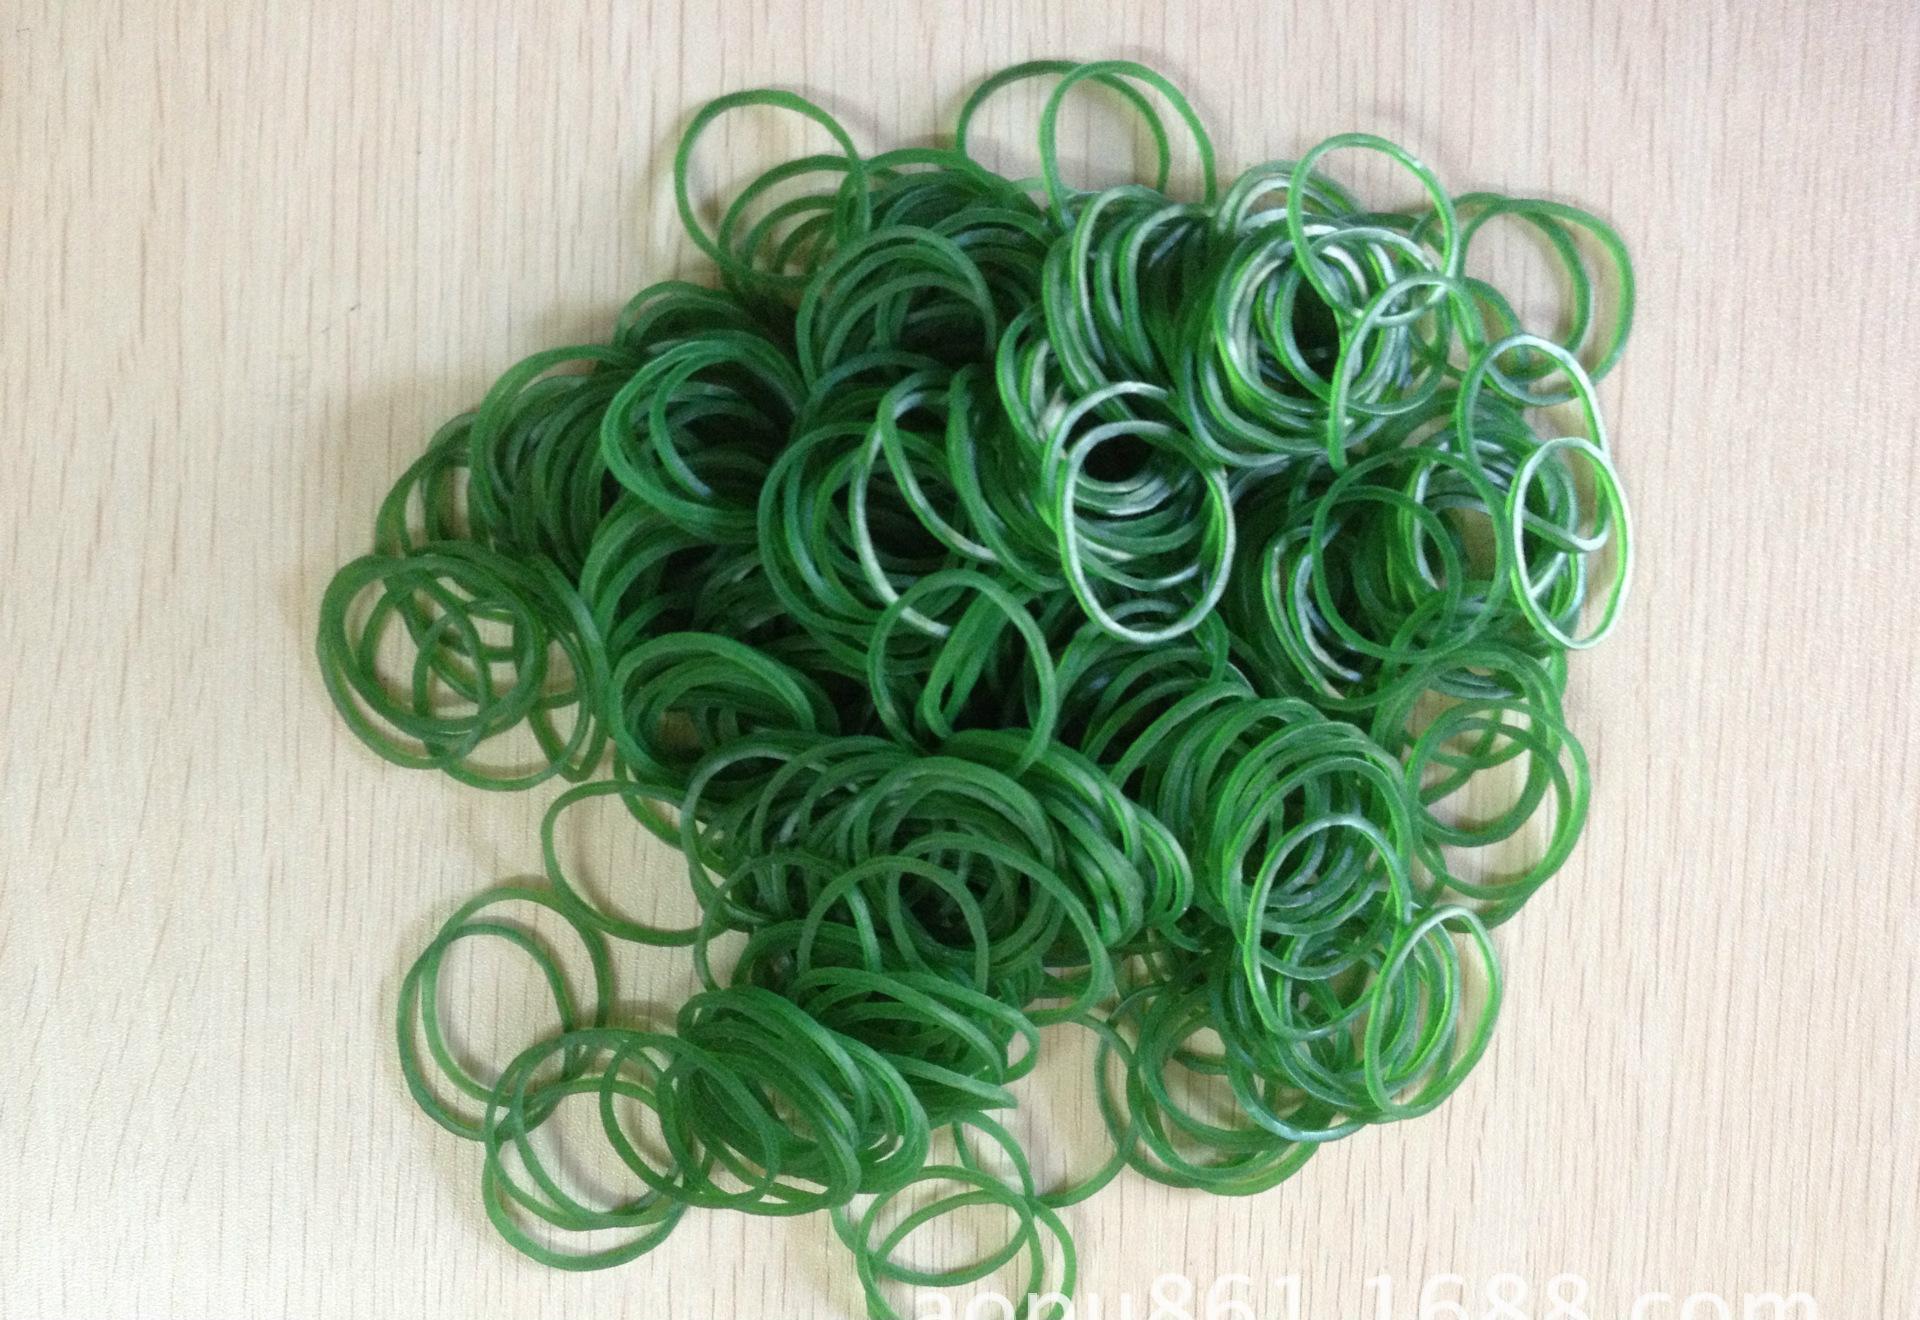 绿色橡皮筋.jpg